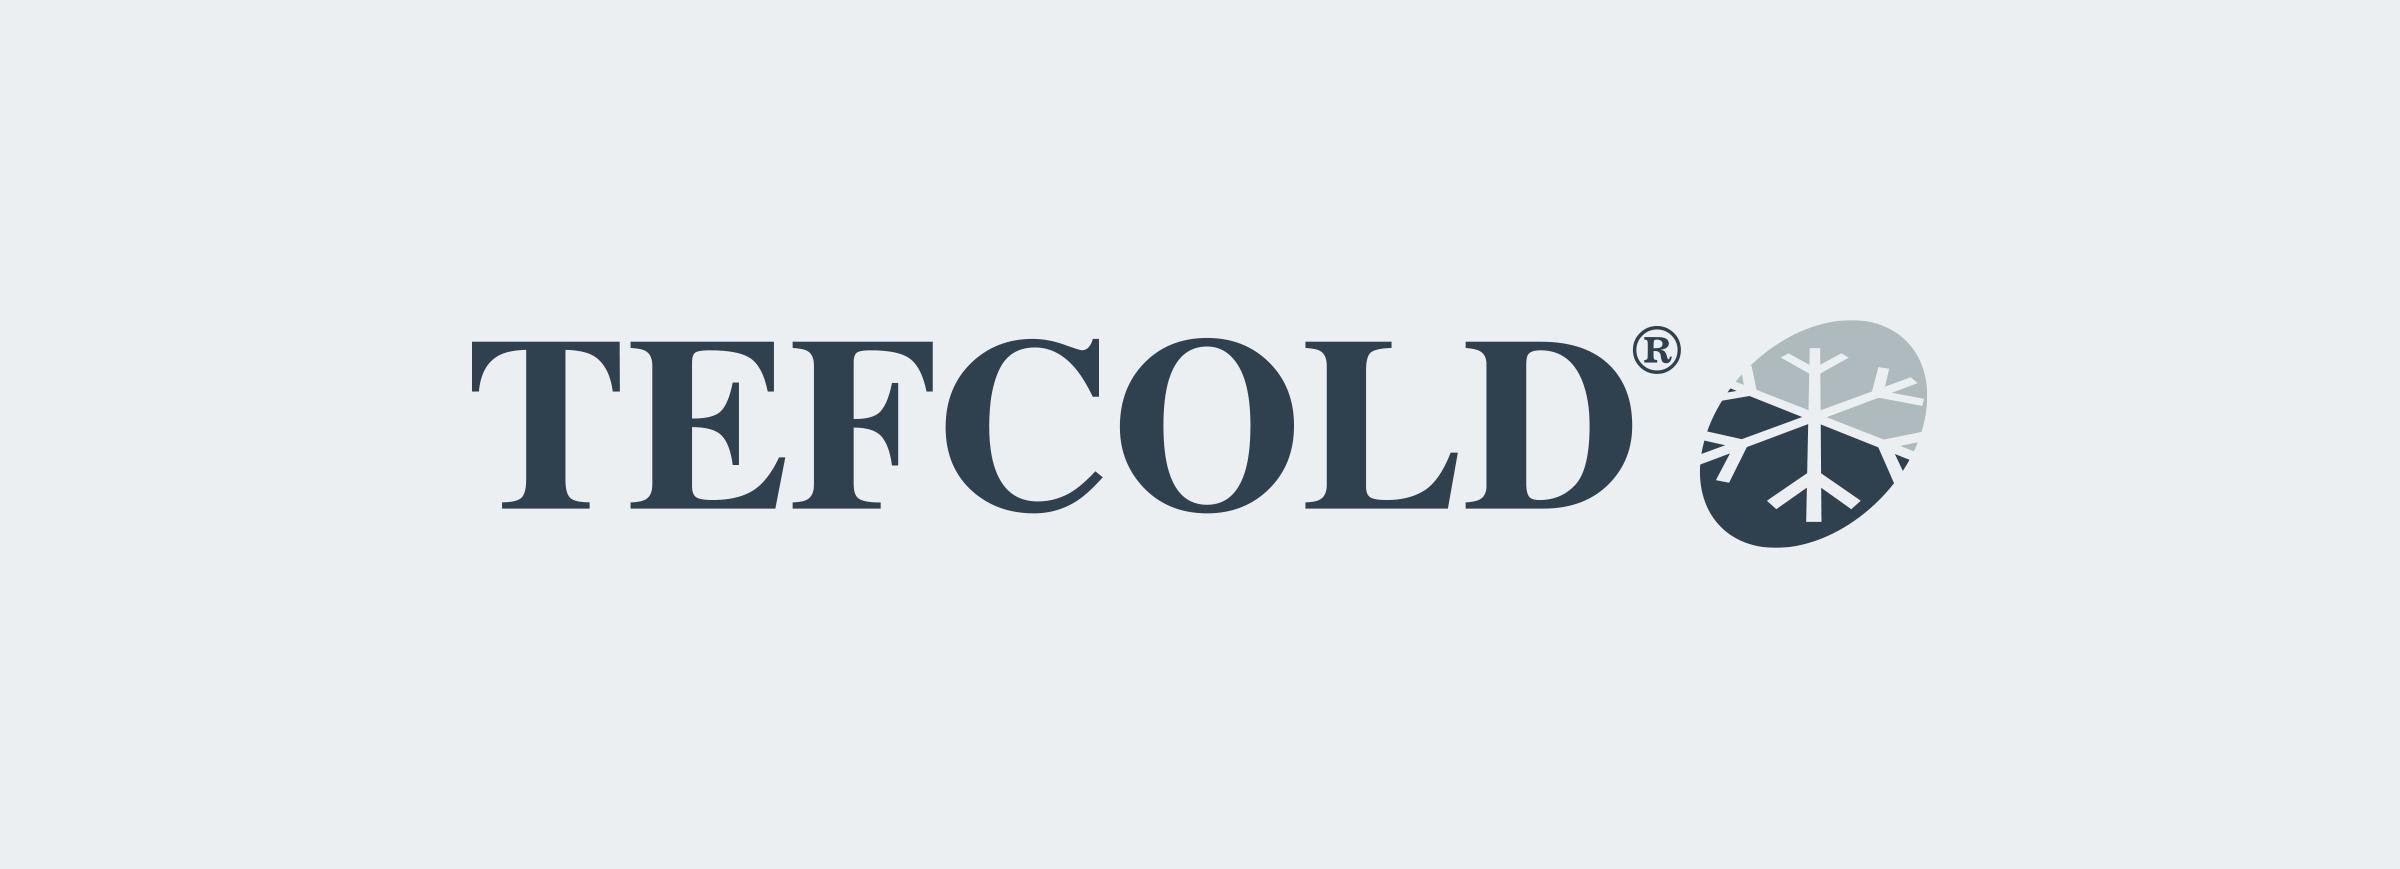 YourDesignMark-Tefcold-Identitet-01